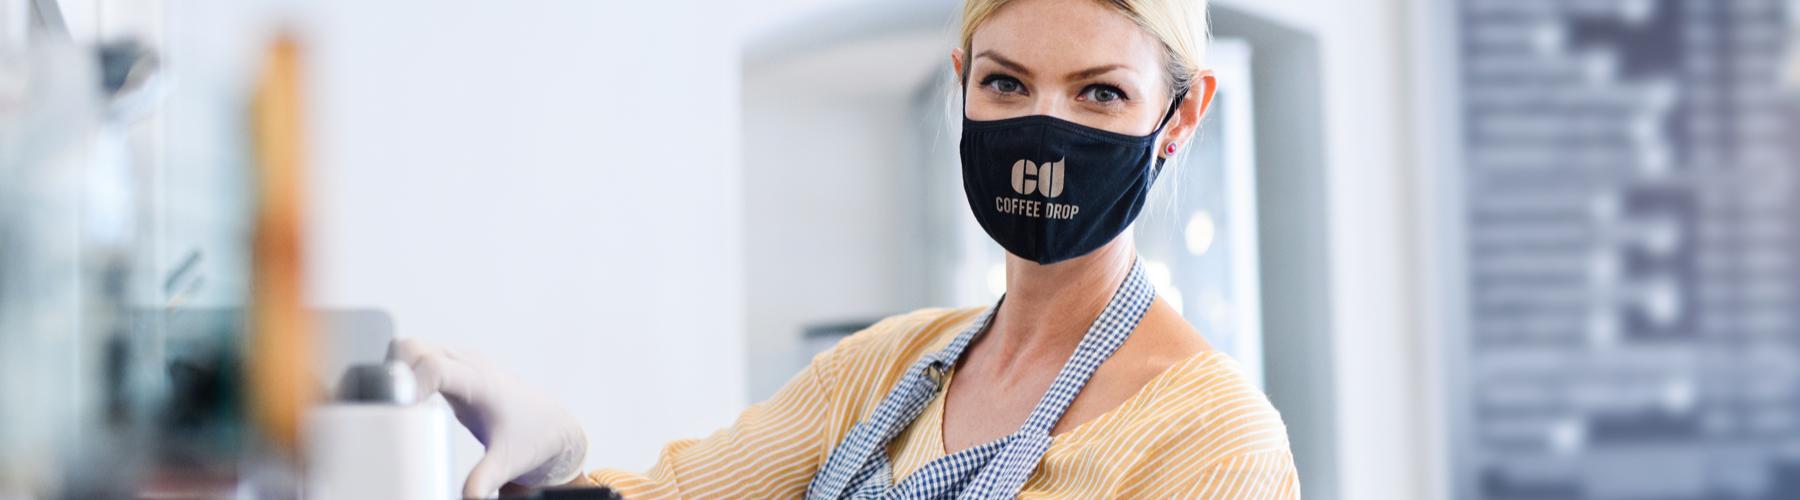 Coronavirus: De ultieme gids voor het heropstarten van je bedrijf en iedereen veilig te houden!